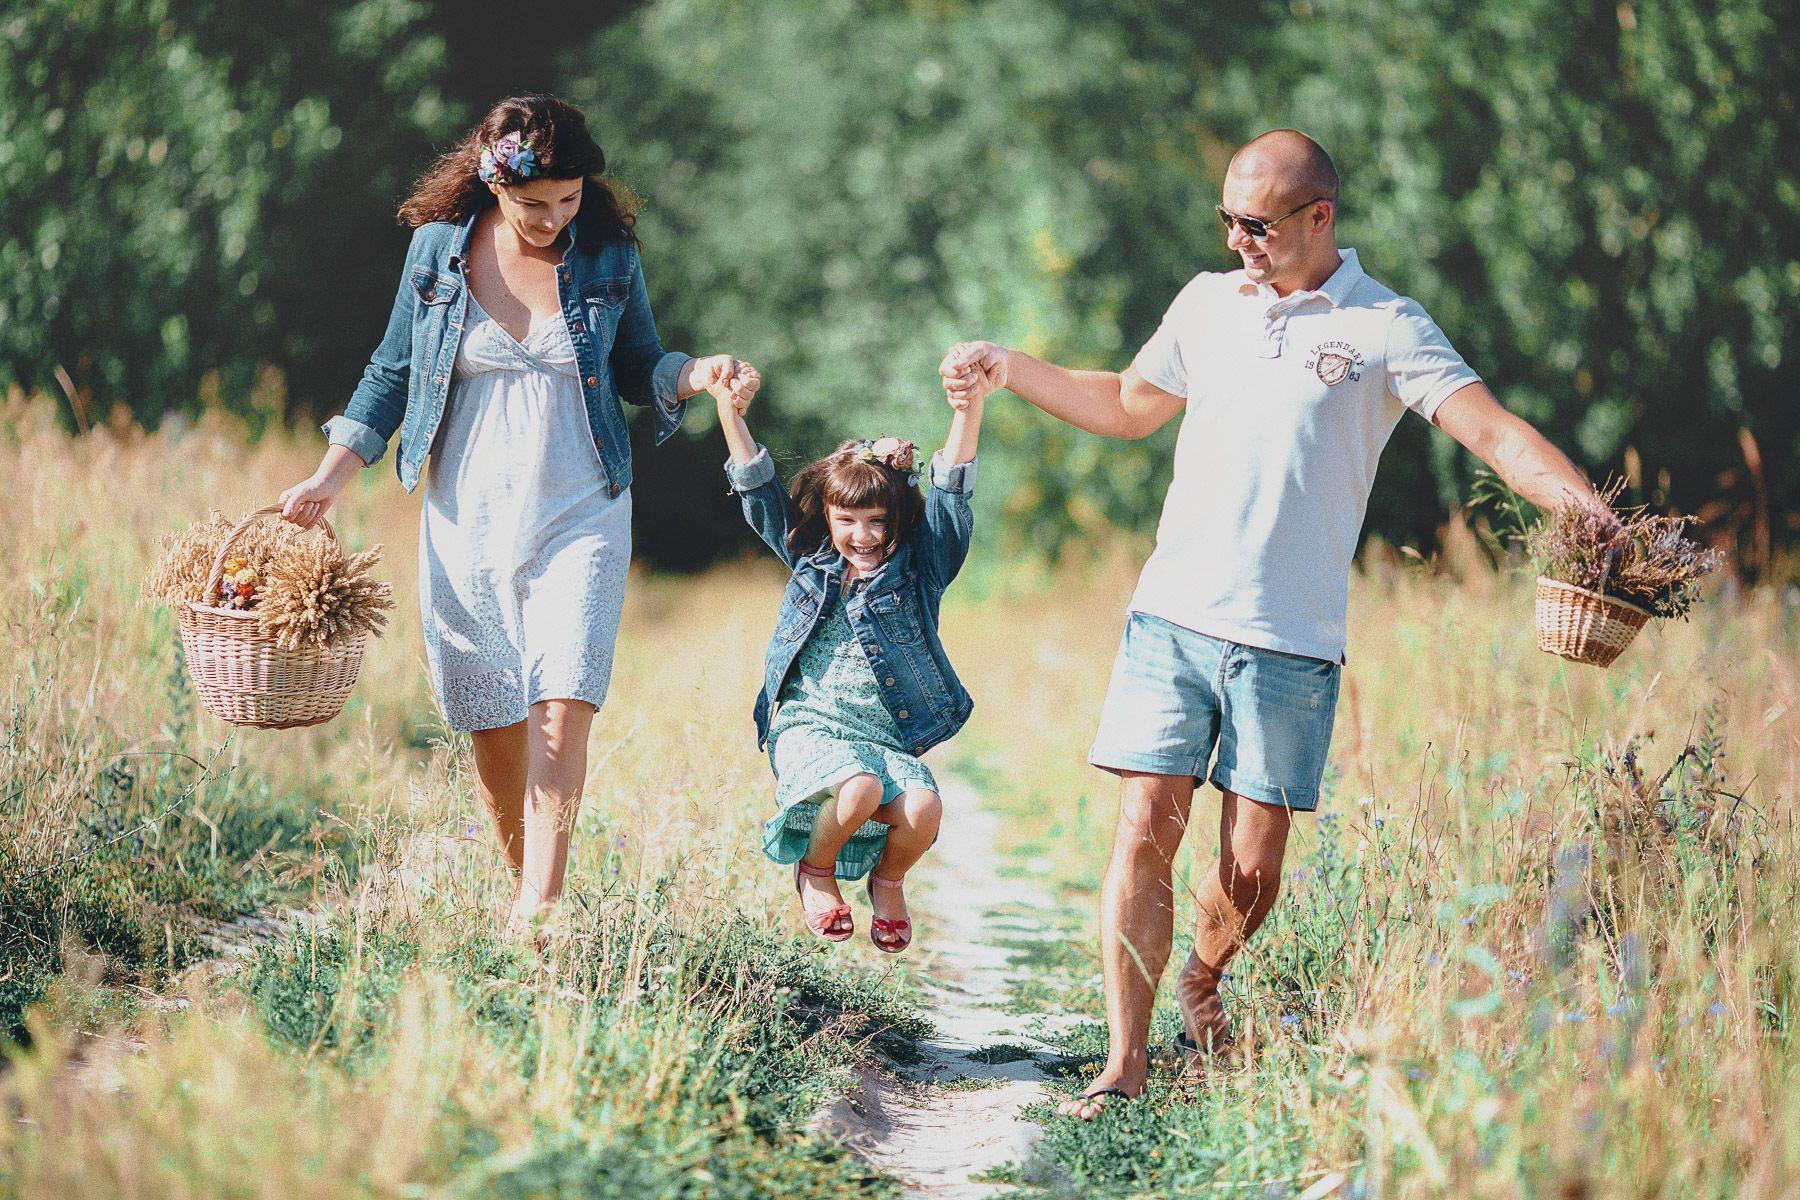 фото семьи на природе летом без лица вовремя обнаружить